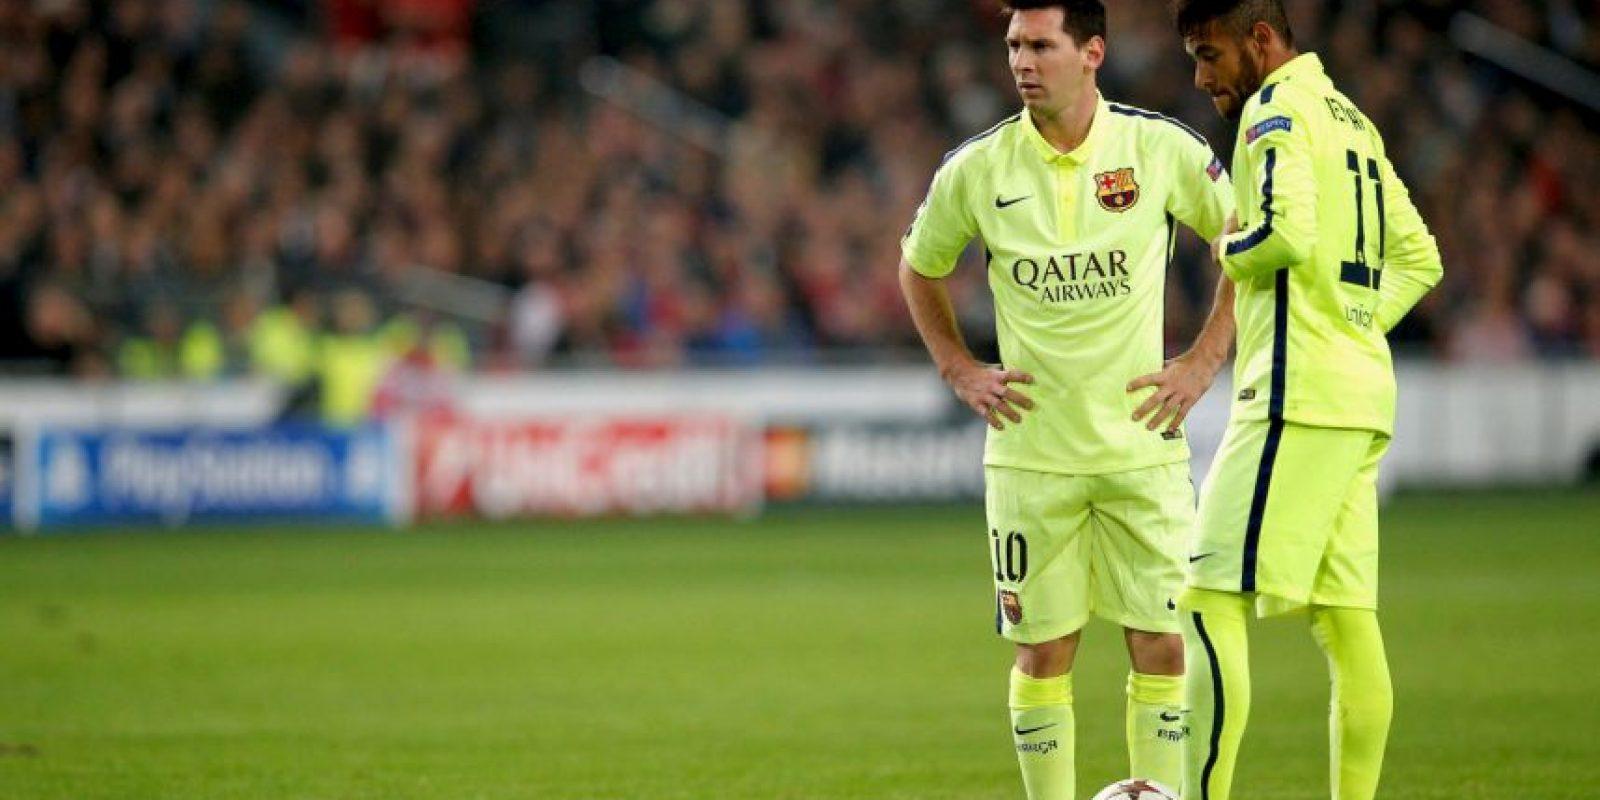 Máximo goleador en una temporada en competiciones oficiales: 73 goles en la 2011/12 -50 en la Liga, 14 en Champions, 3 en la Copa, 3 en la Supercopa de España, 1 en la Supercopa de Europa y 2 en el Mundial de Clubes. Foto:Getty Images